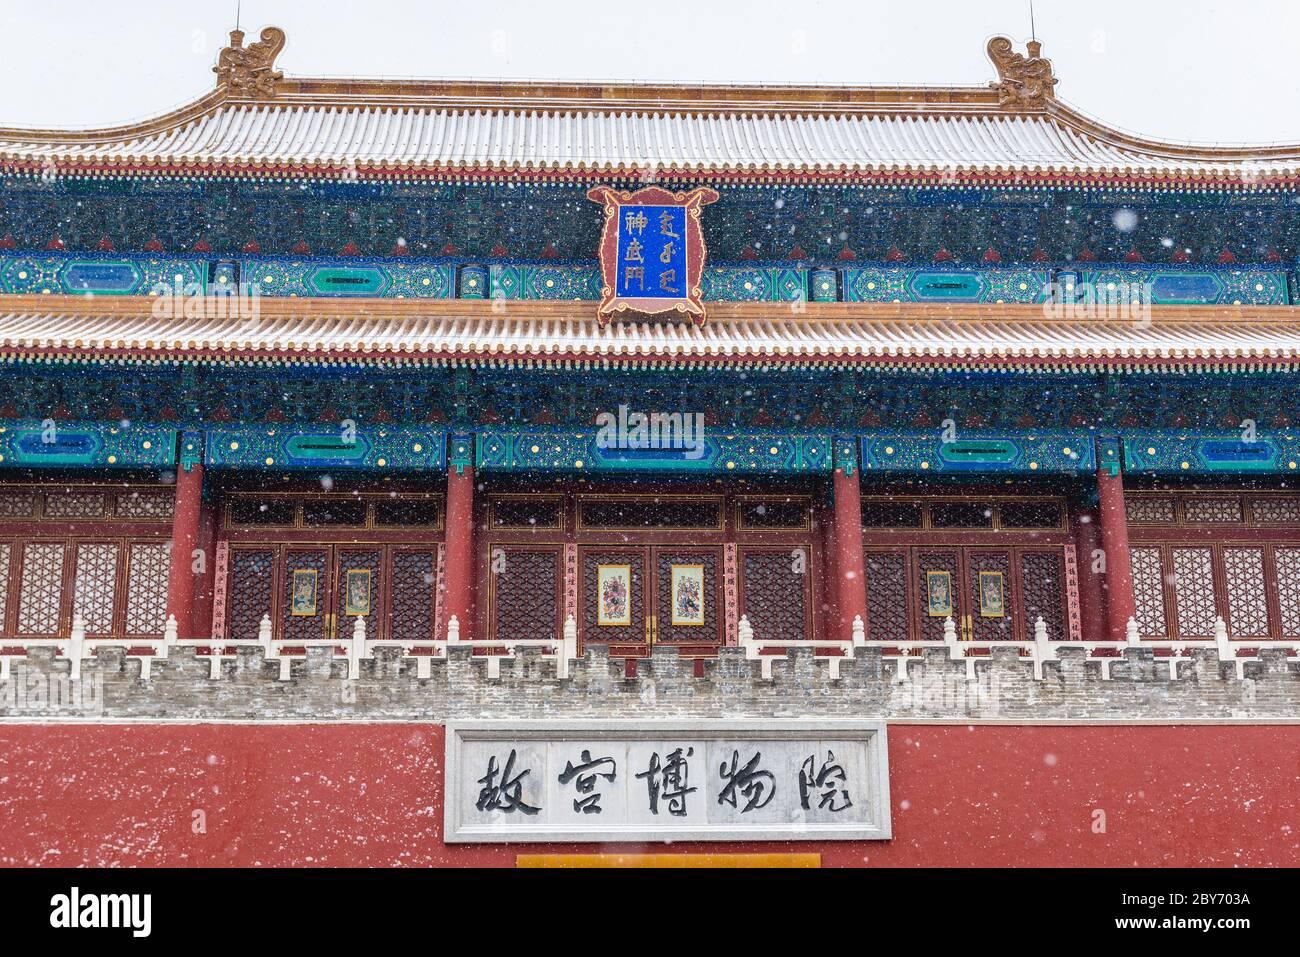 Shenwumen - Puerta de la proeza Divina también llamada Puerta del poder Divino - puerta norte del complejo del palacio de la Ciudad Prohibida en Beijing, China Foto de stock